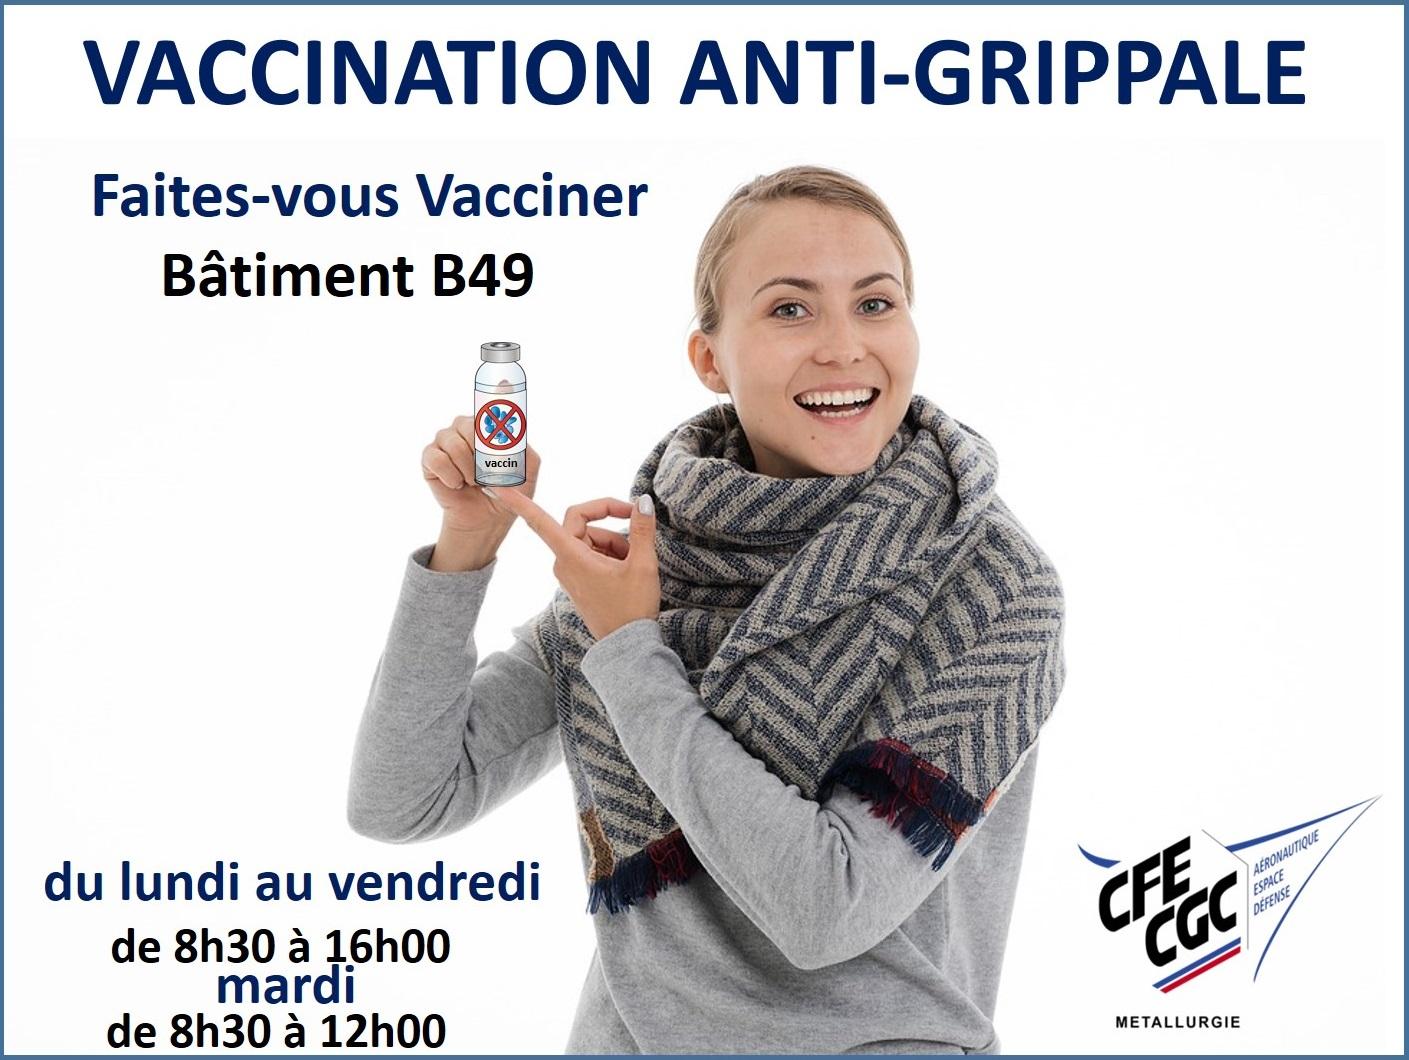 La Vaccination anti-grippale